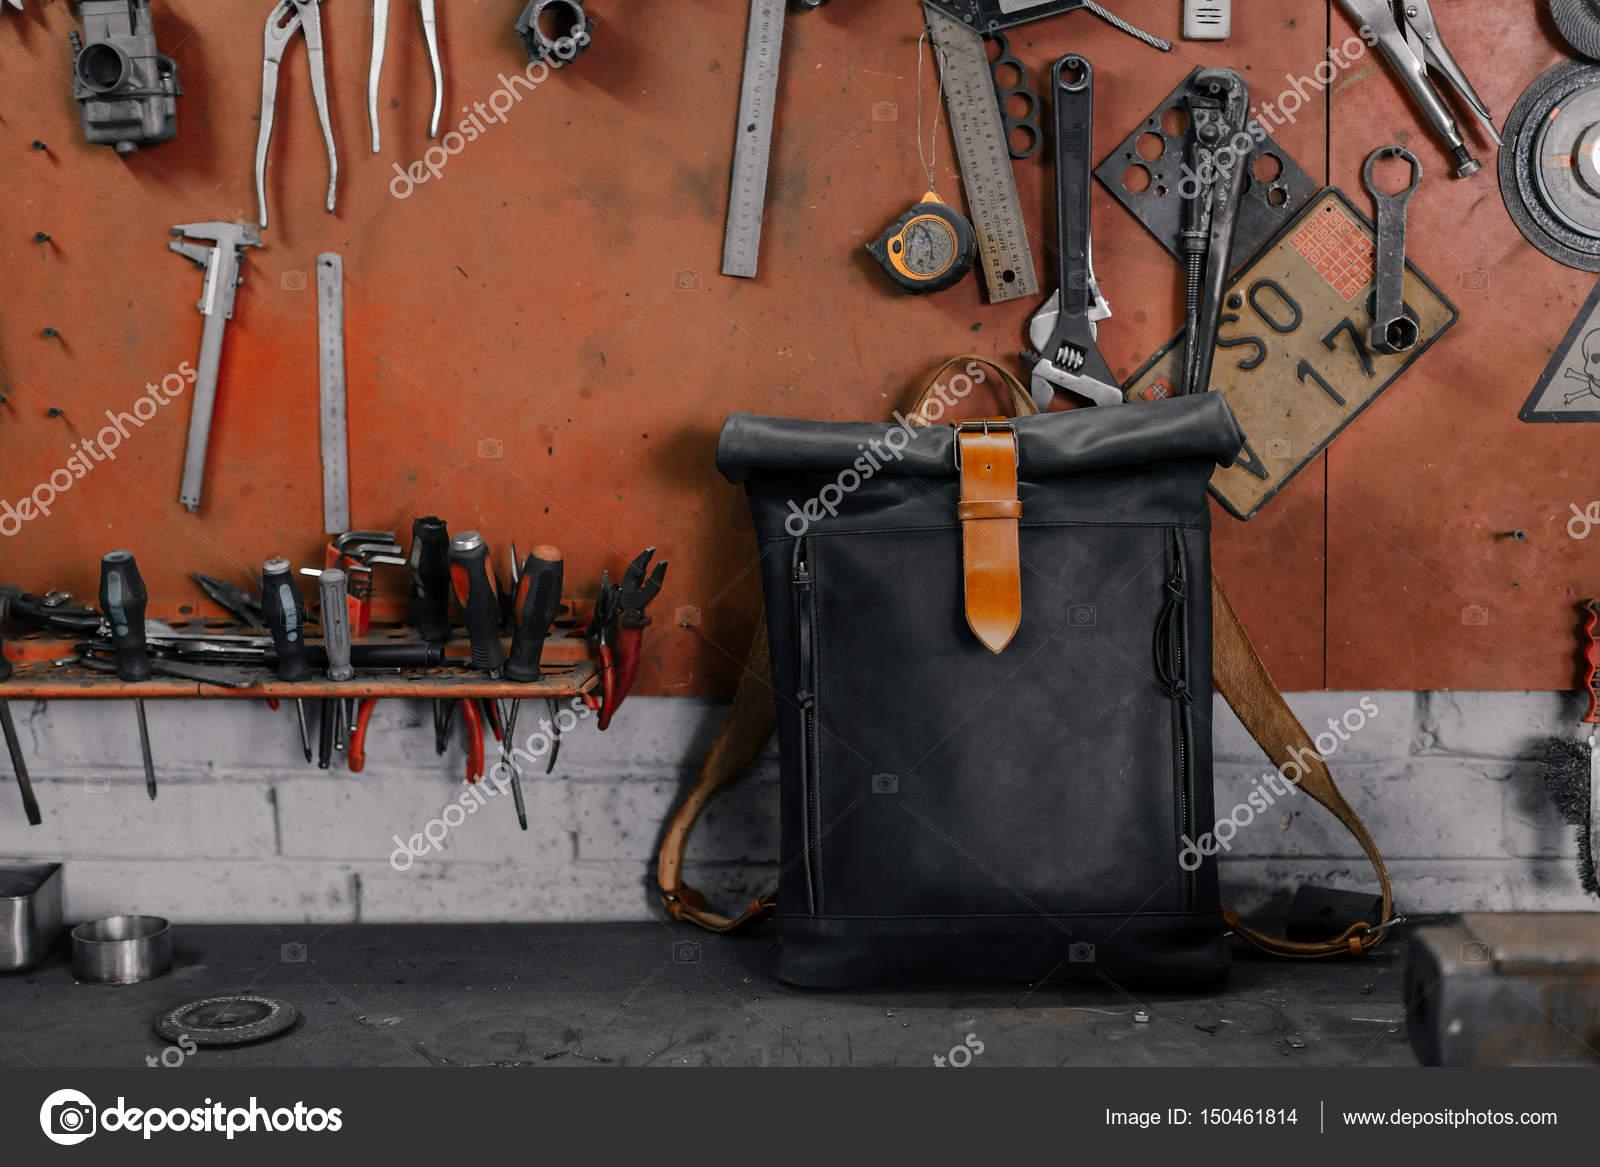 Exkluzivní černý kožený batoh. Batoh u zdi. Nástroje v garáži. Mnoho  různých nástrojů 066da058ae